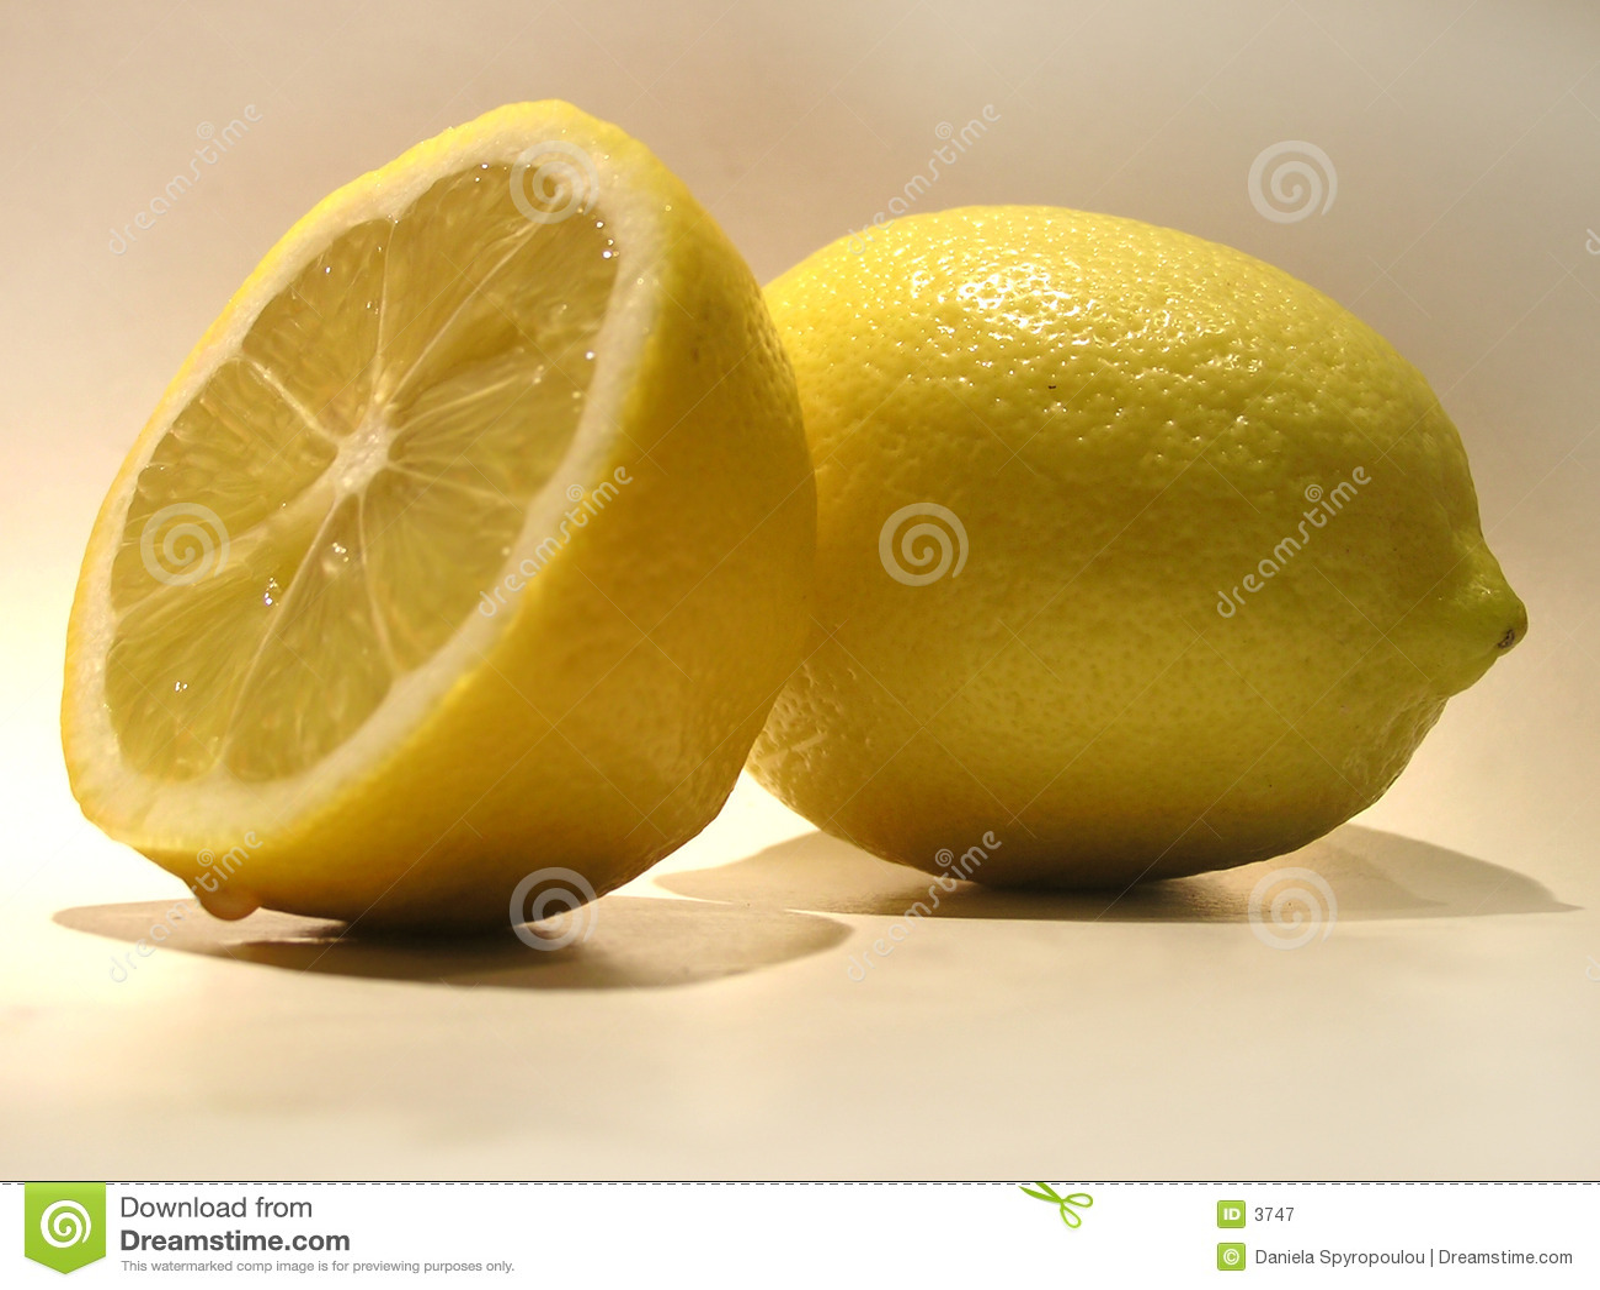 Download Limones imagen de archivo. Imagen de vitaminas, conceptos - 3747